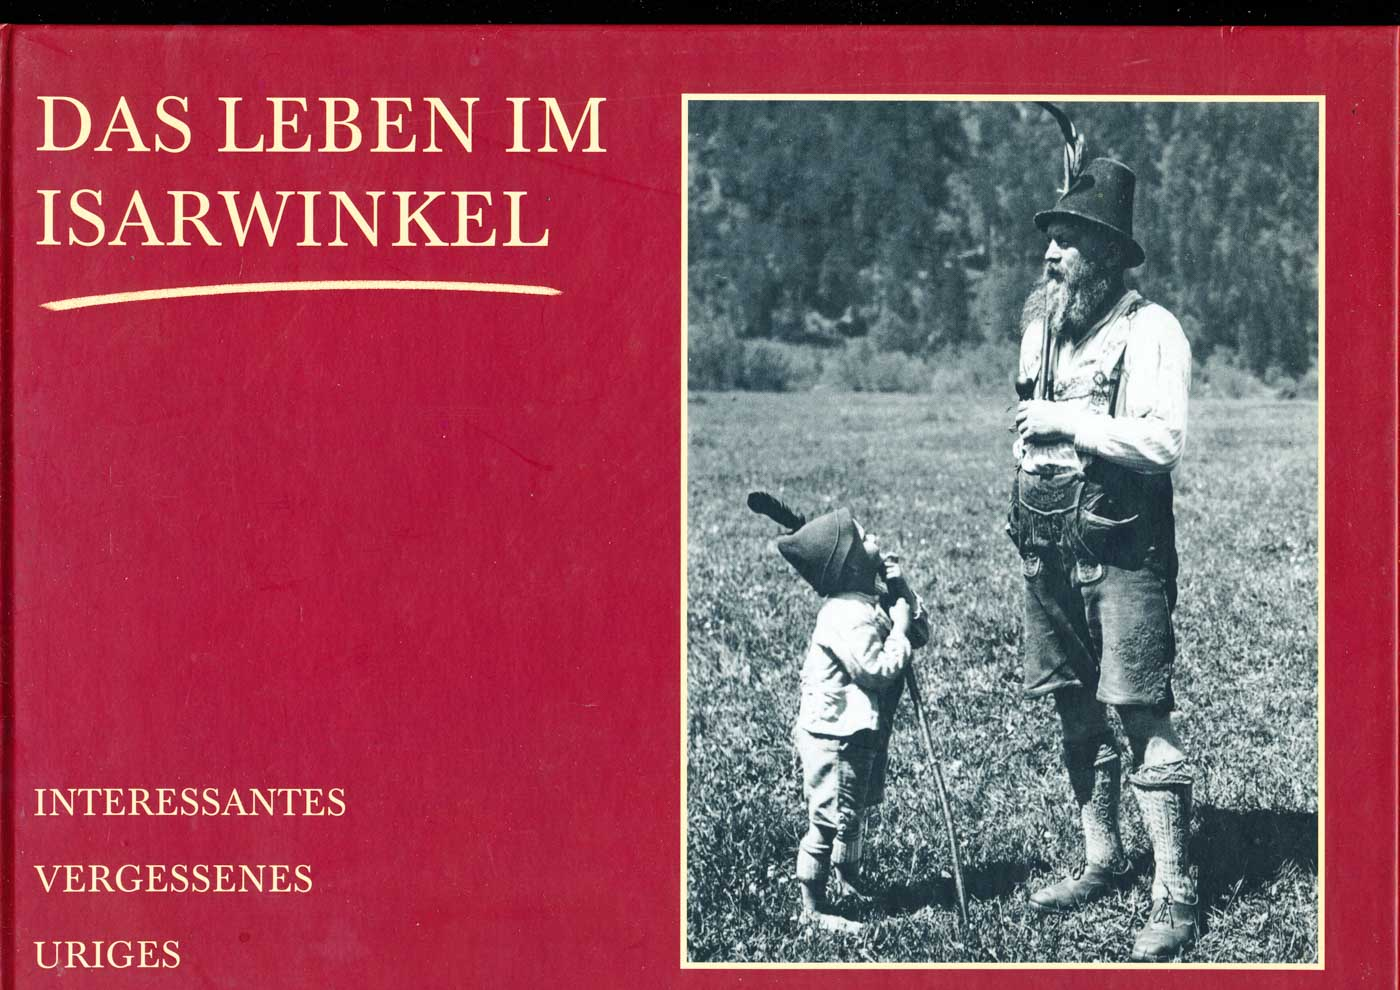 Das Leben im Isarwinkel. Interessantes, Vergessenes, Uriges.